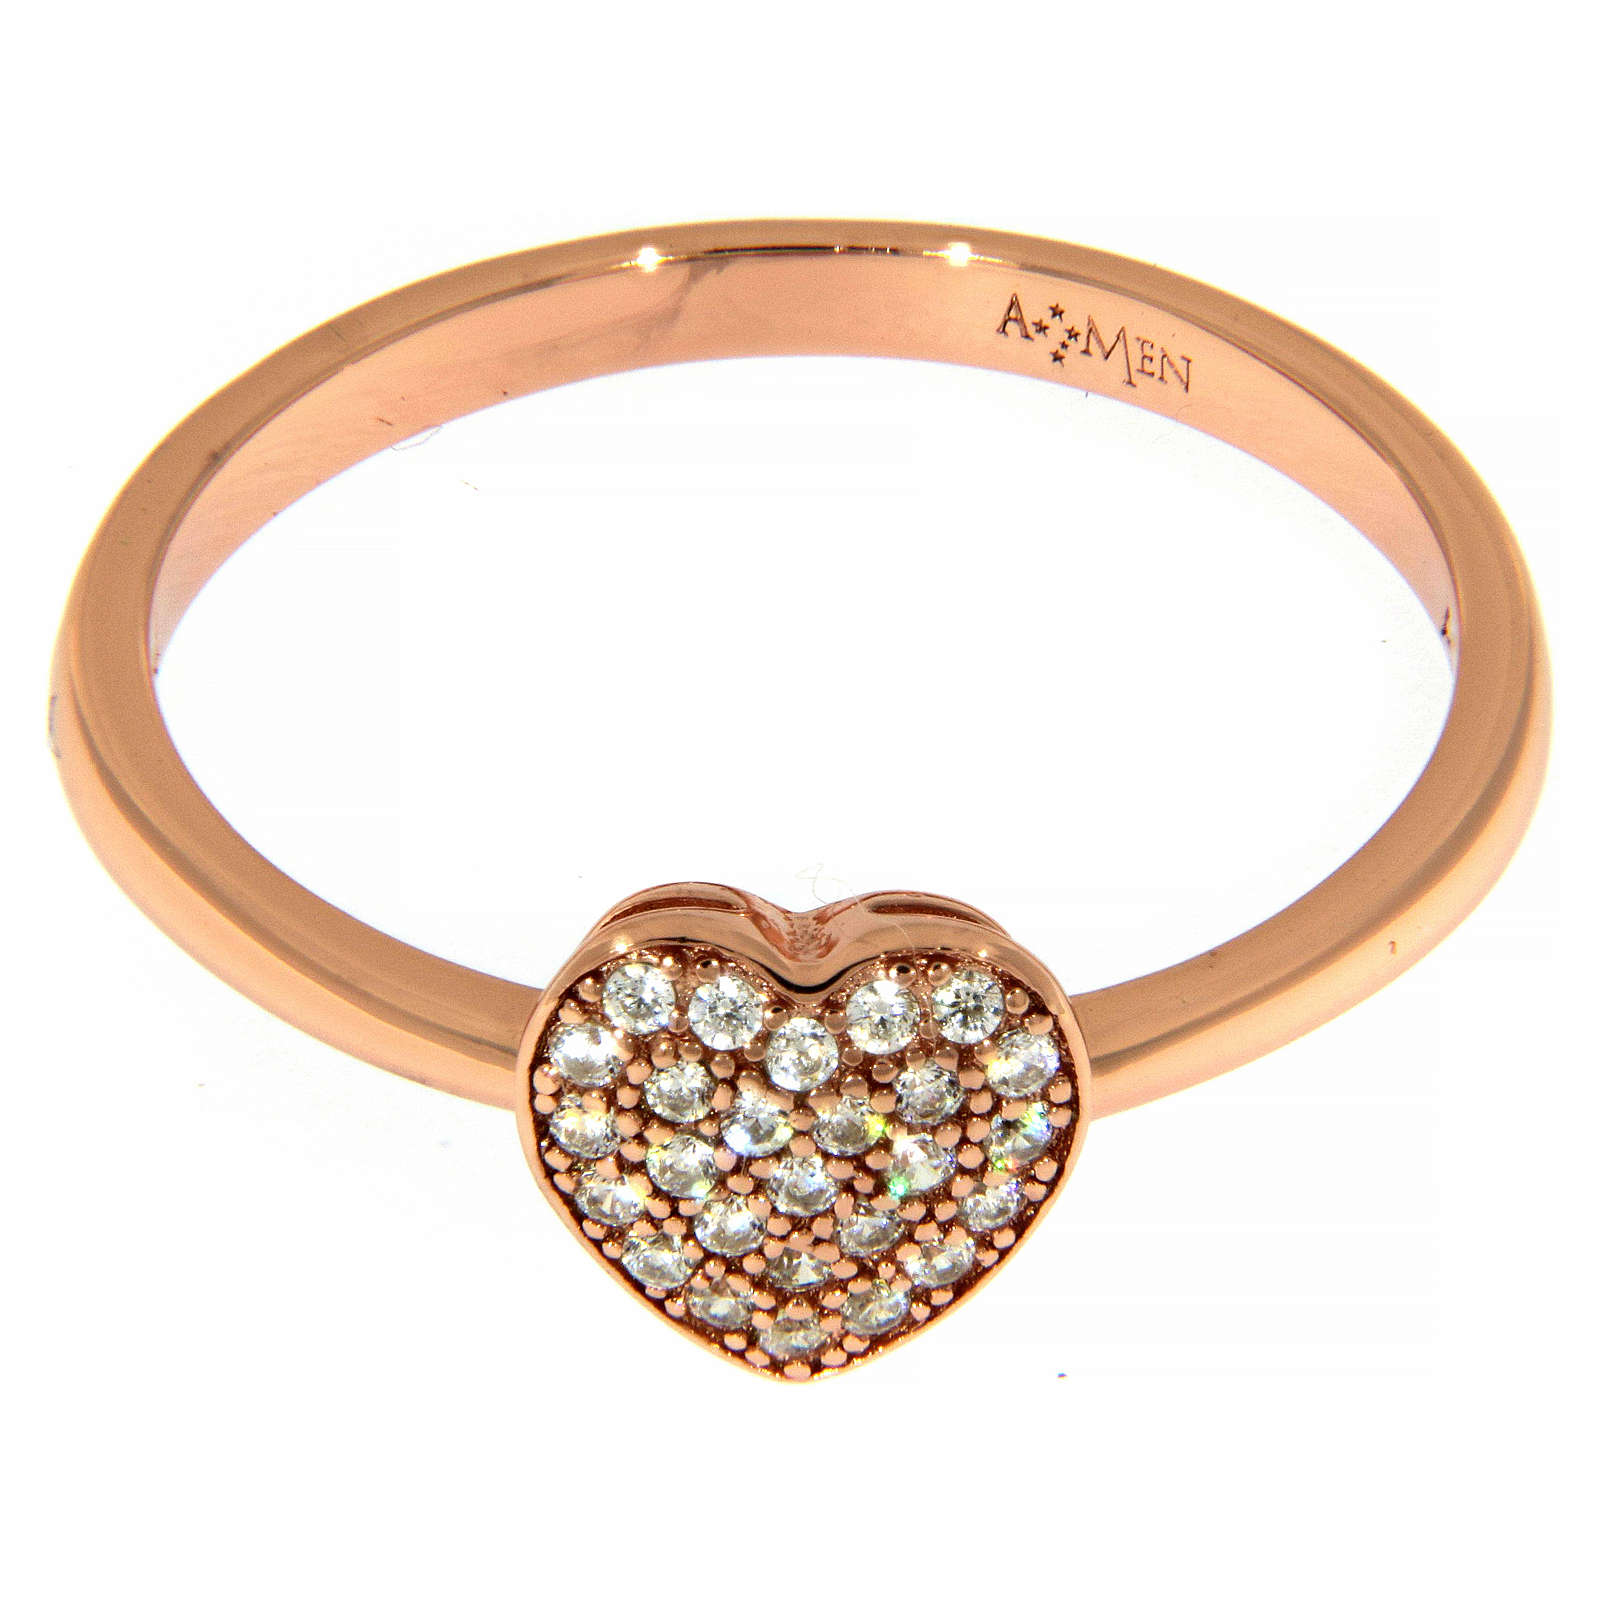 Anillo AMEN plata 925 rosada corazón zircones blancos 3